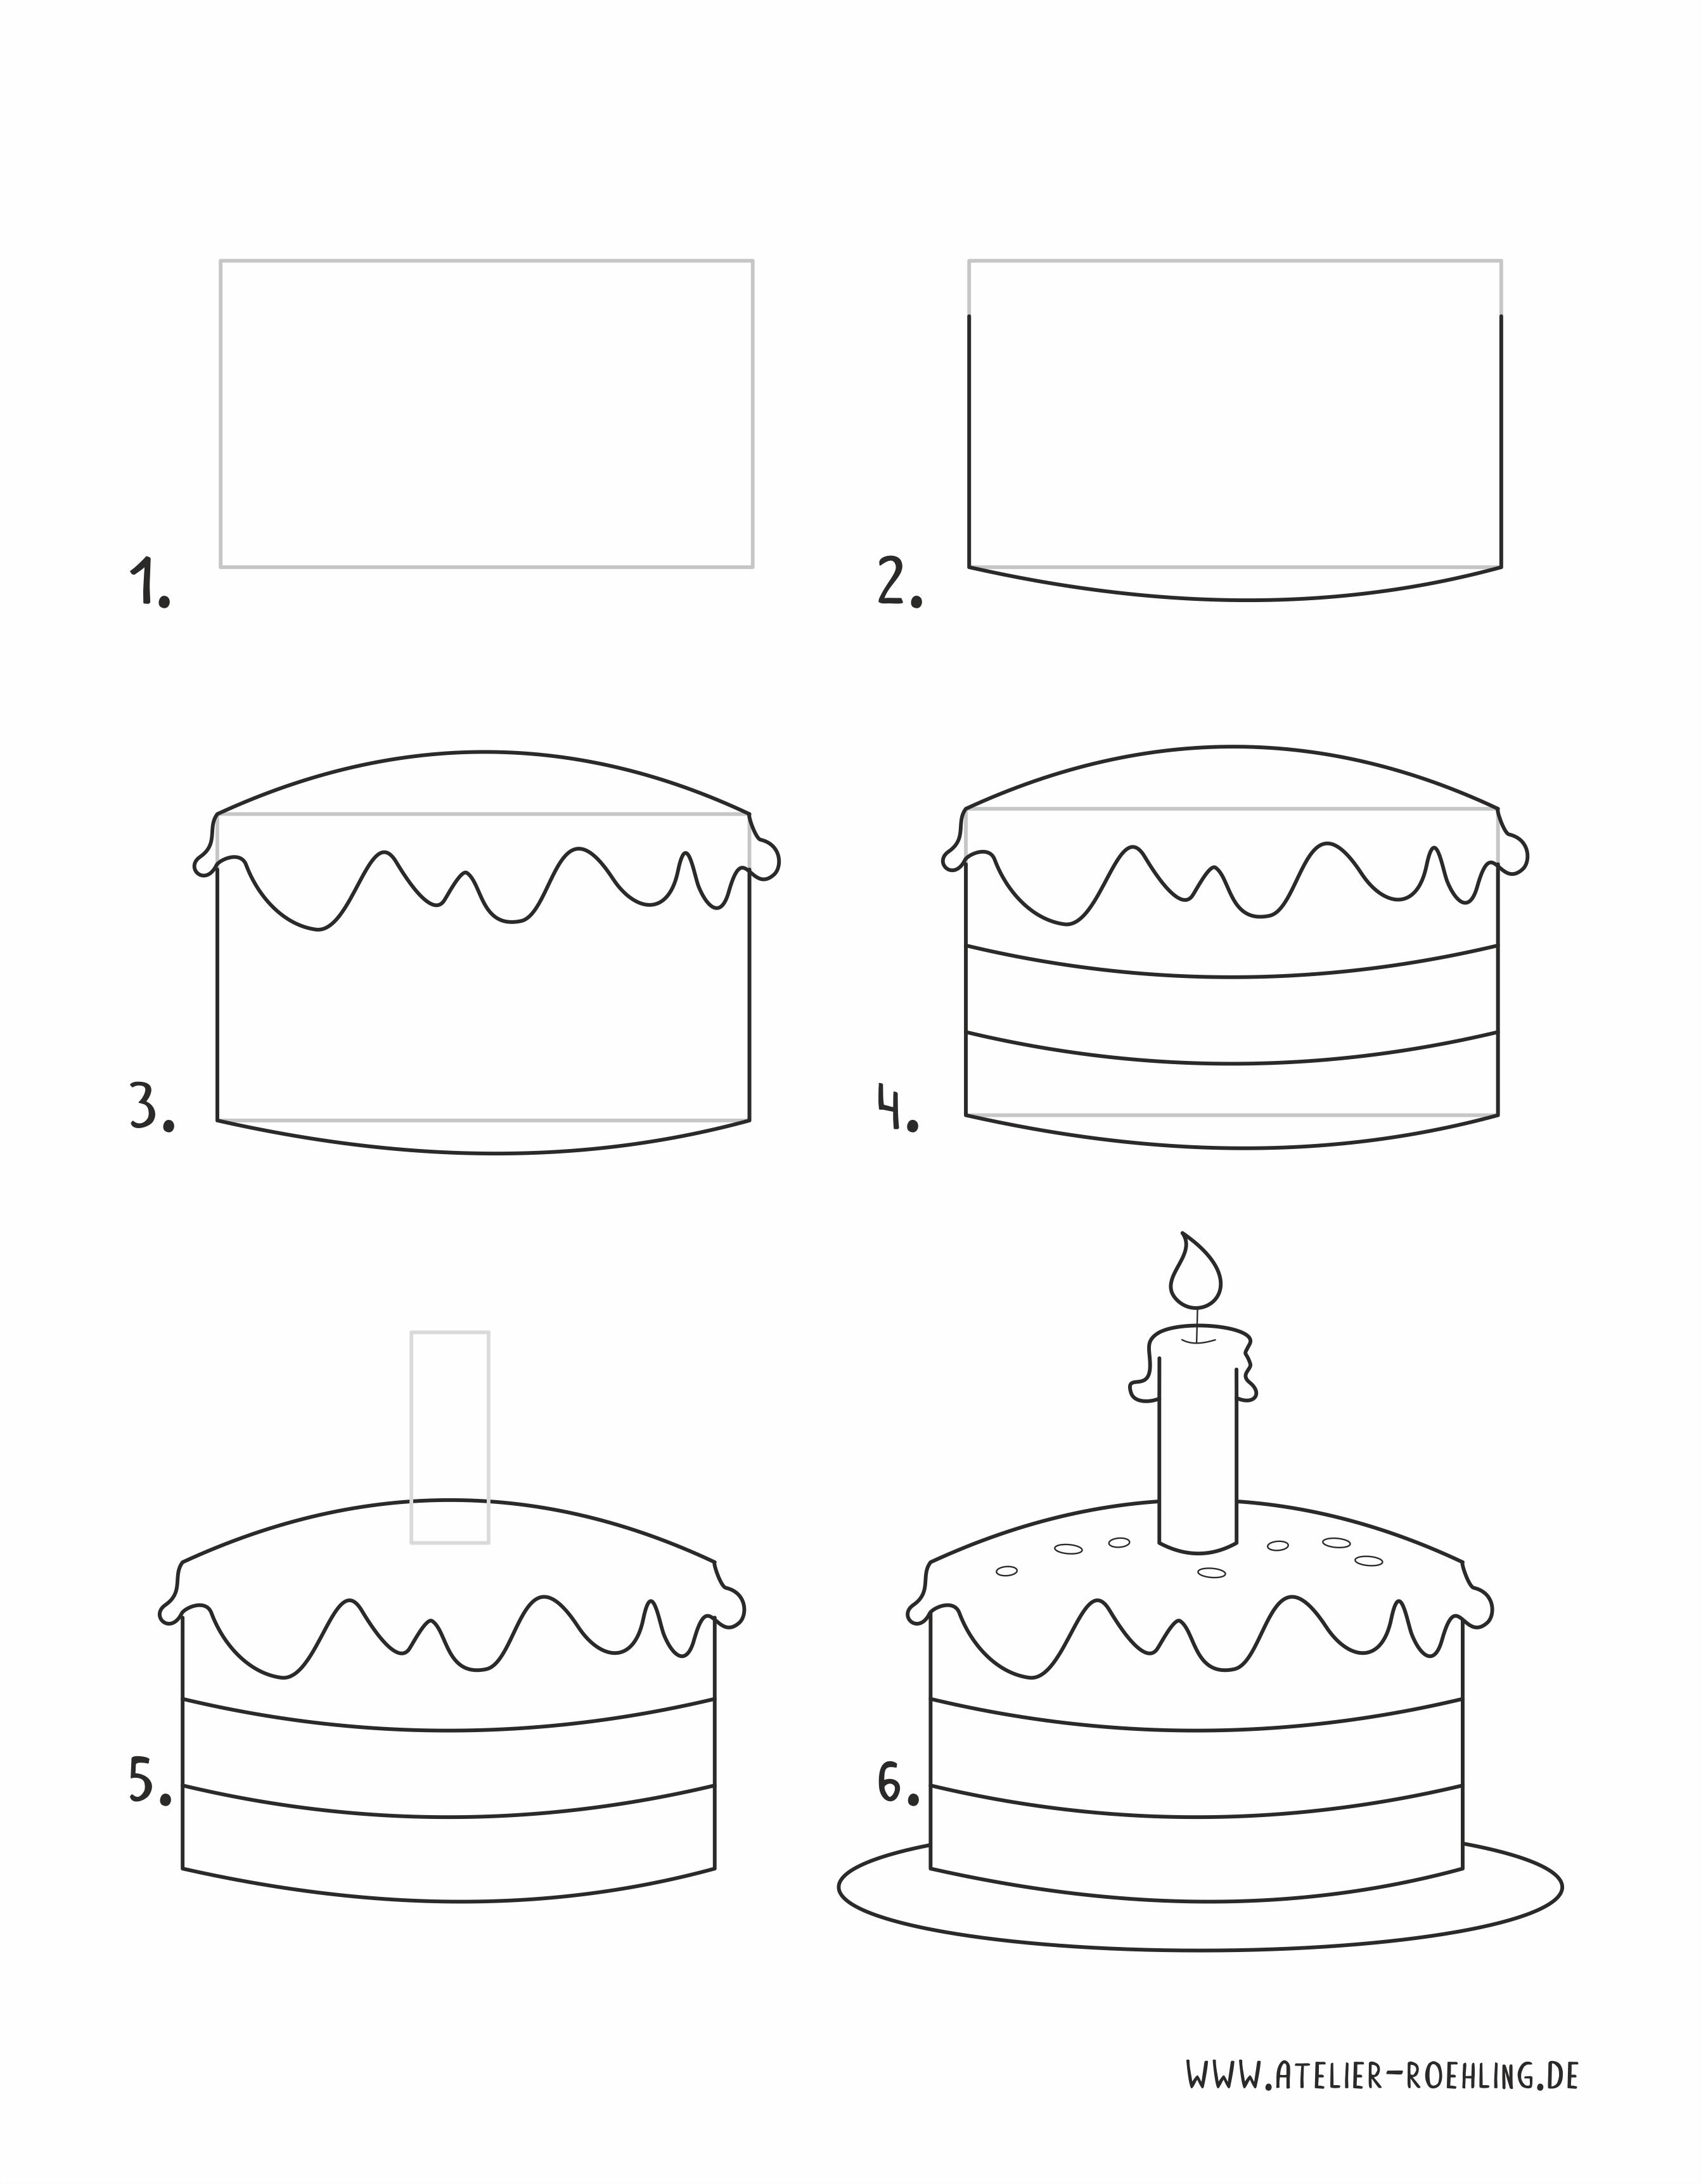 Geburtstag Bilder Zeichnen Geburtstag Geburtstagbilderzeichnen 11